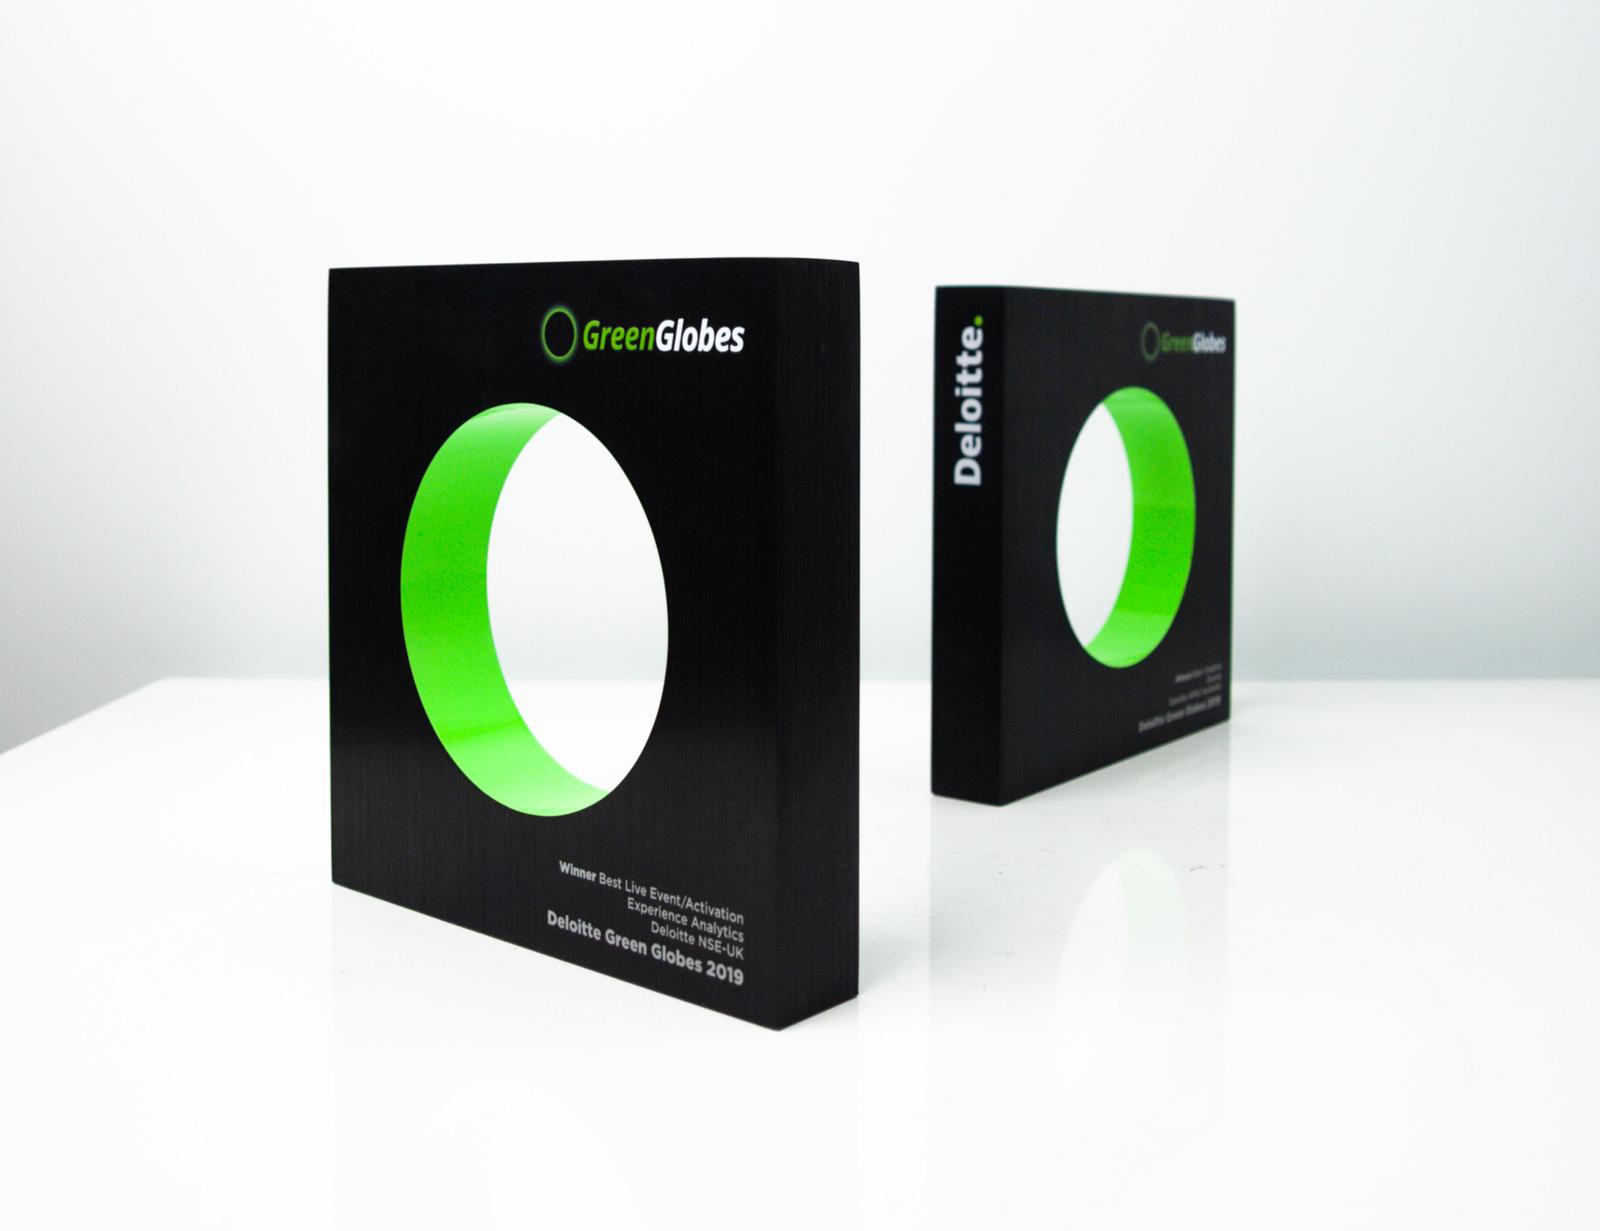 Deloitte Green Globe Trophies